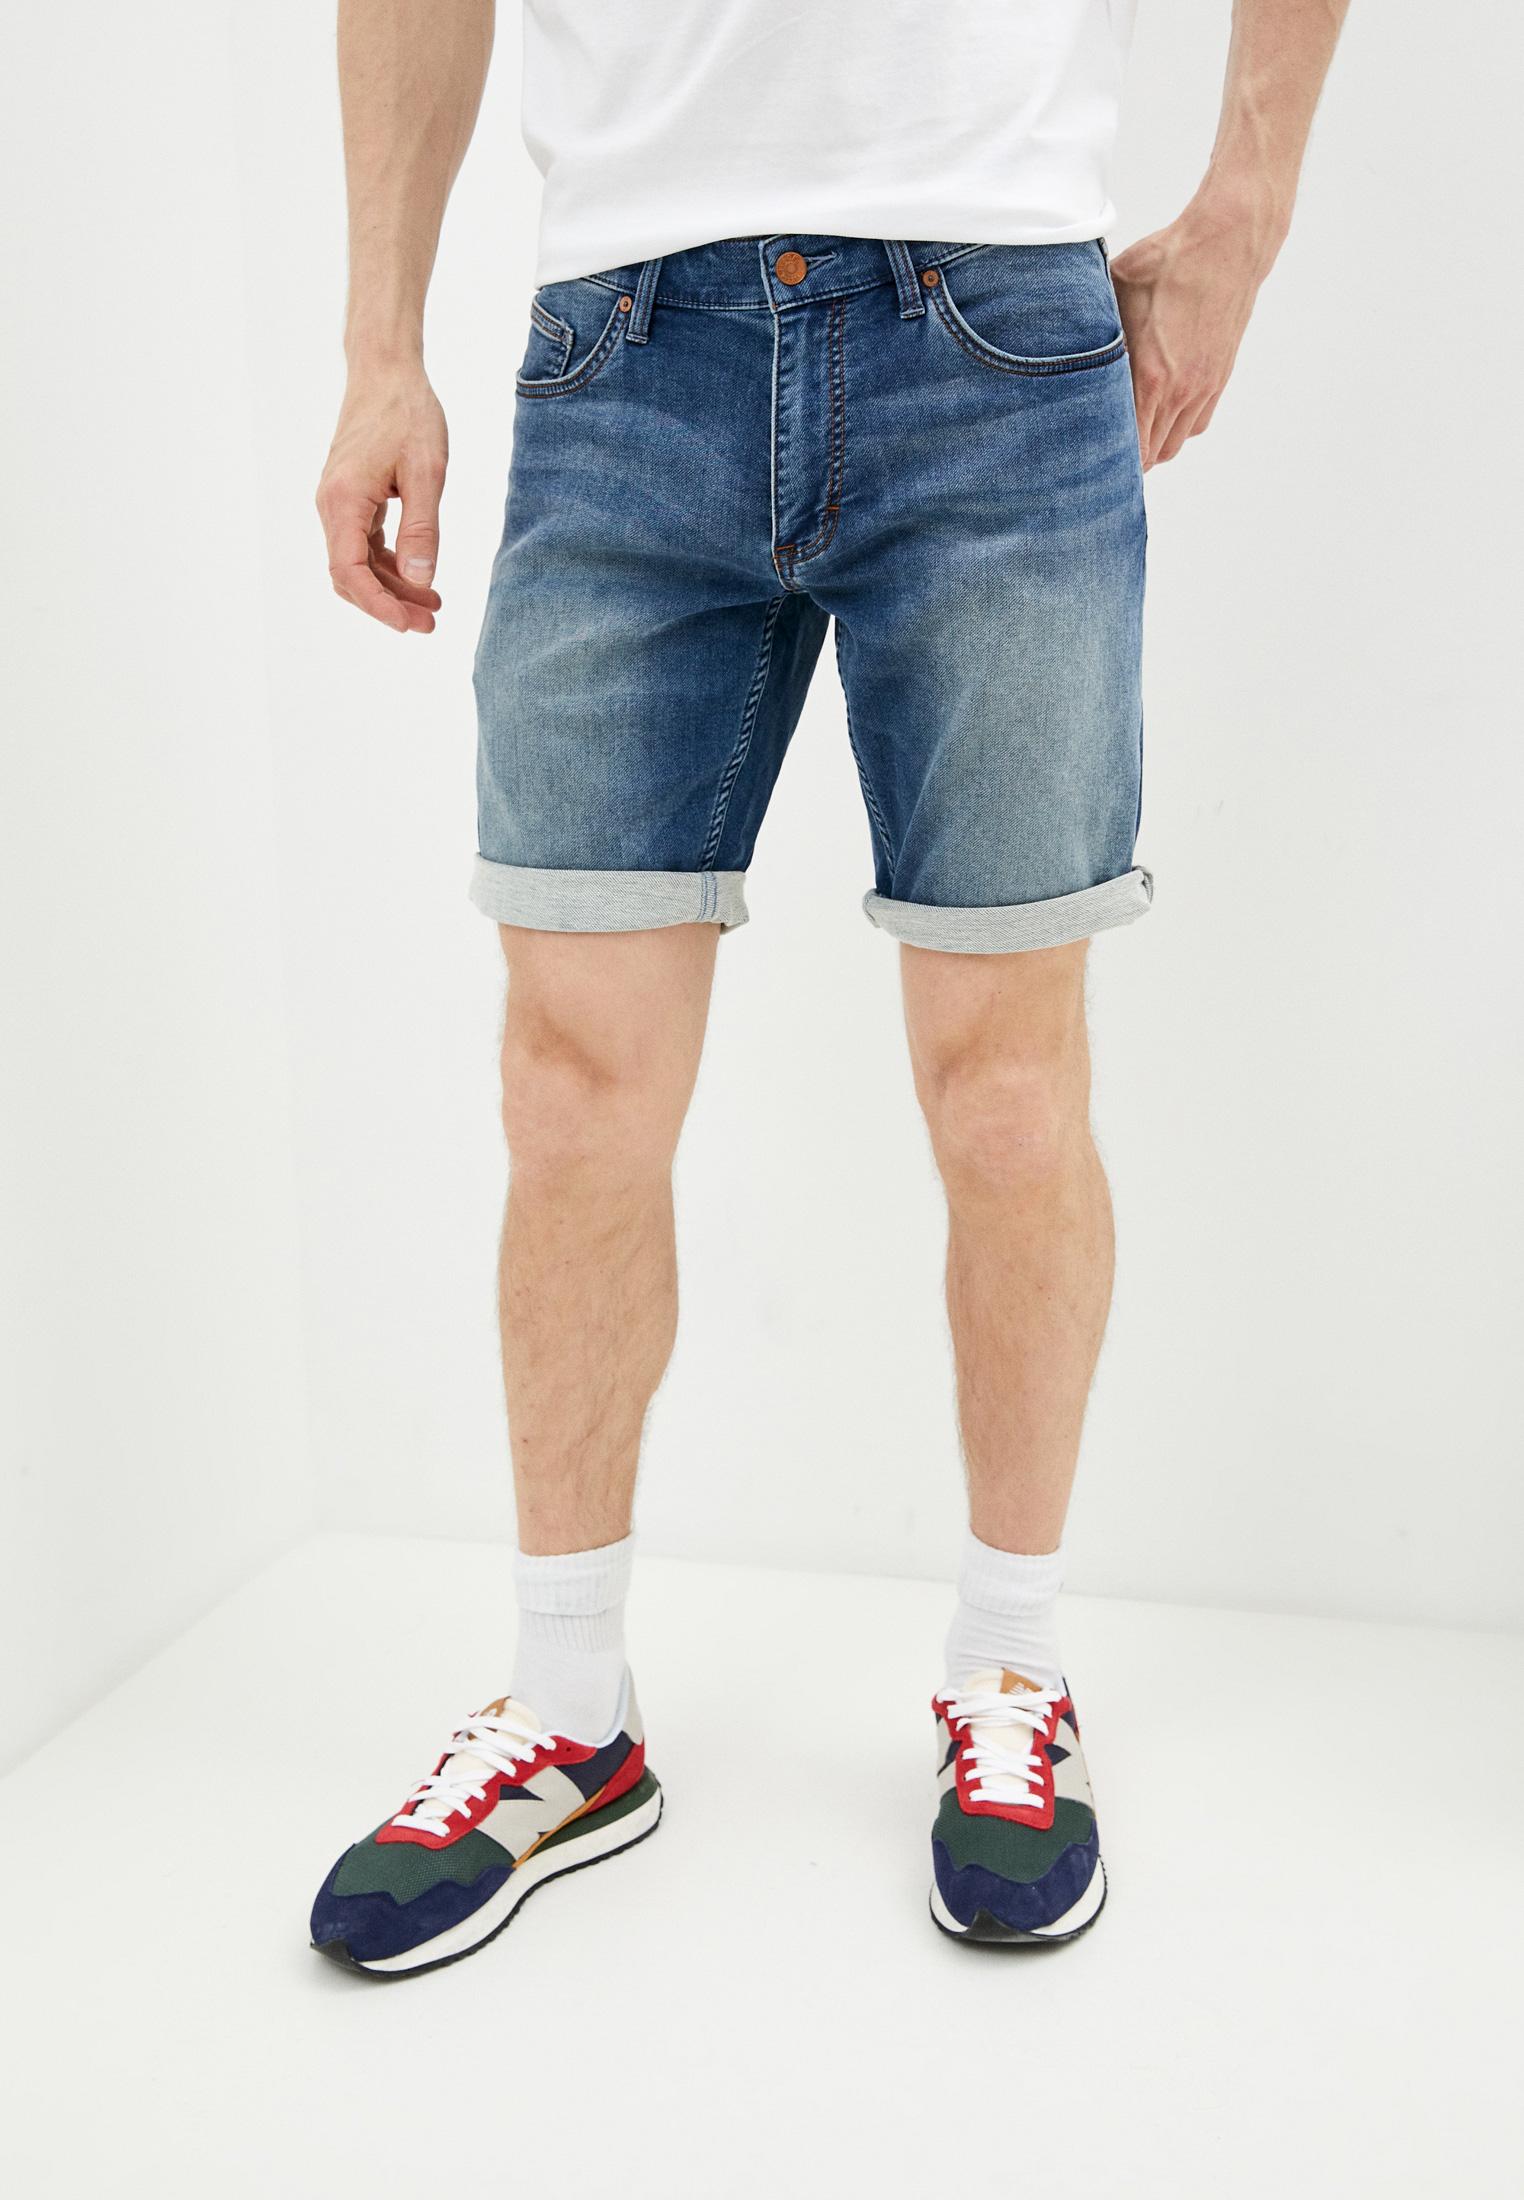 Мужские джинсовые шорты Q/S designed by 520.10.103.26.180.2061306